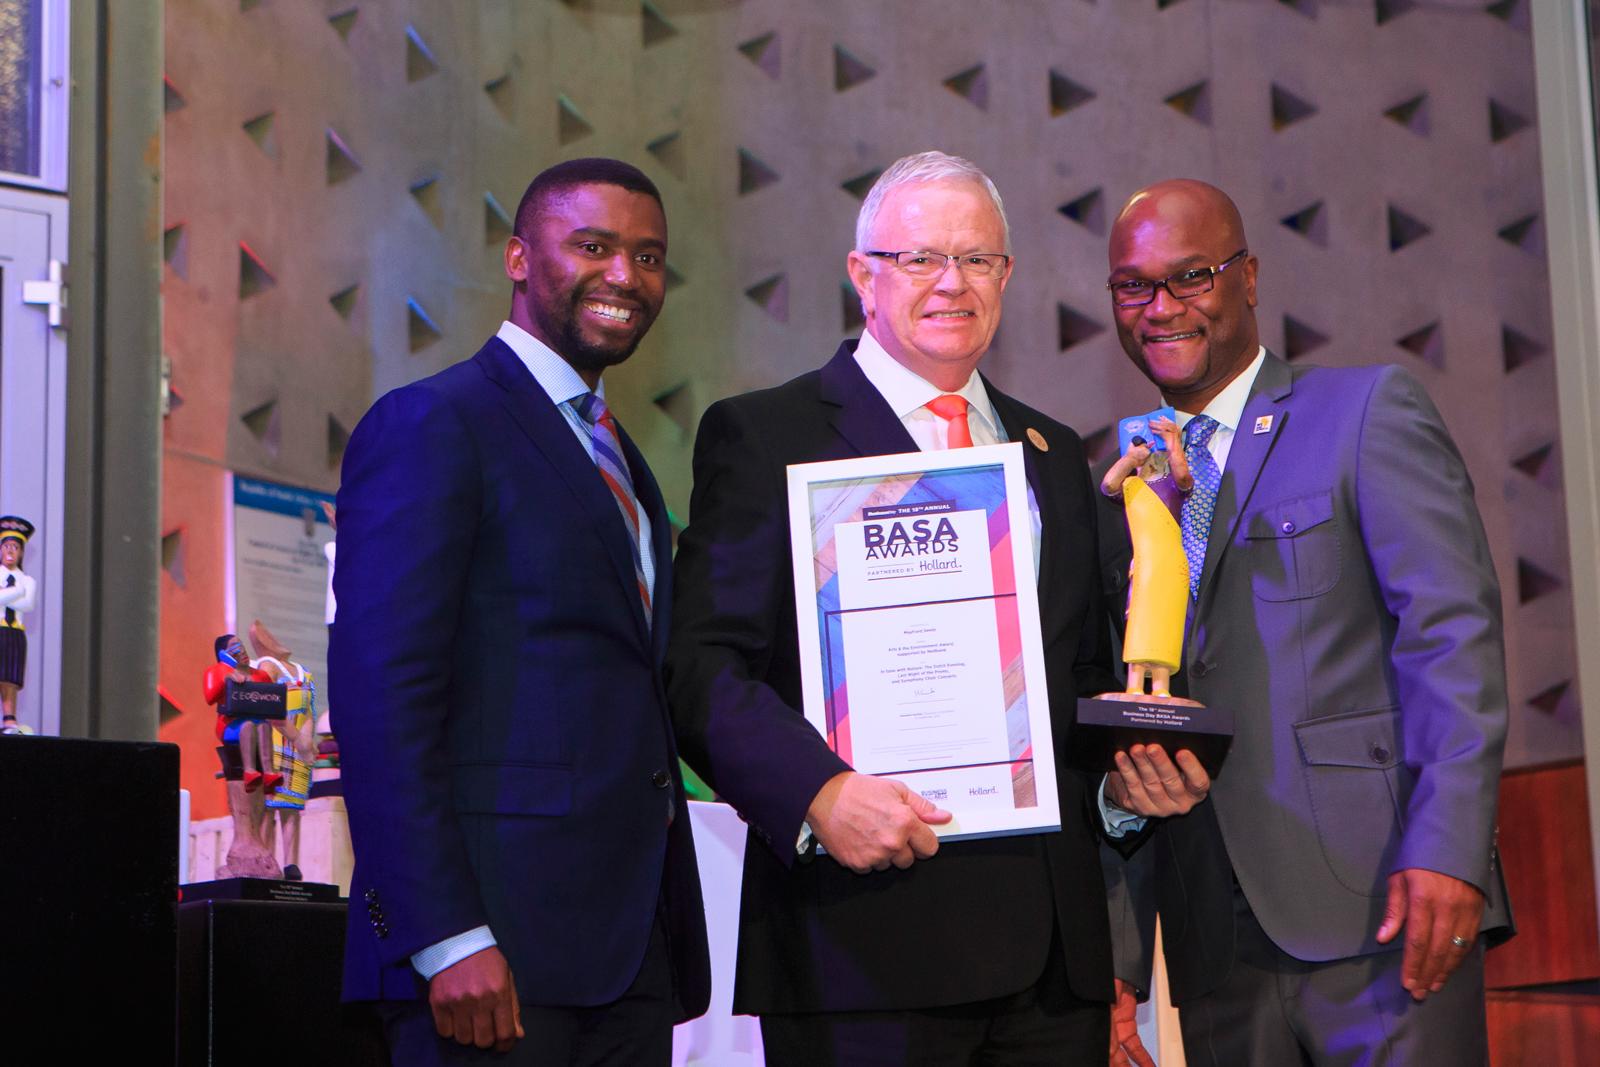 18th BASA Awards